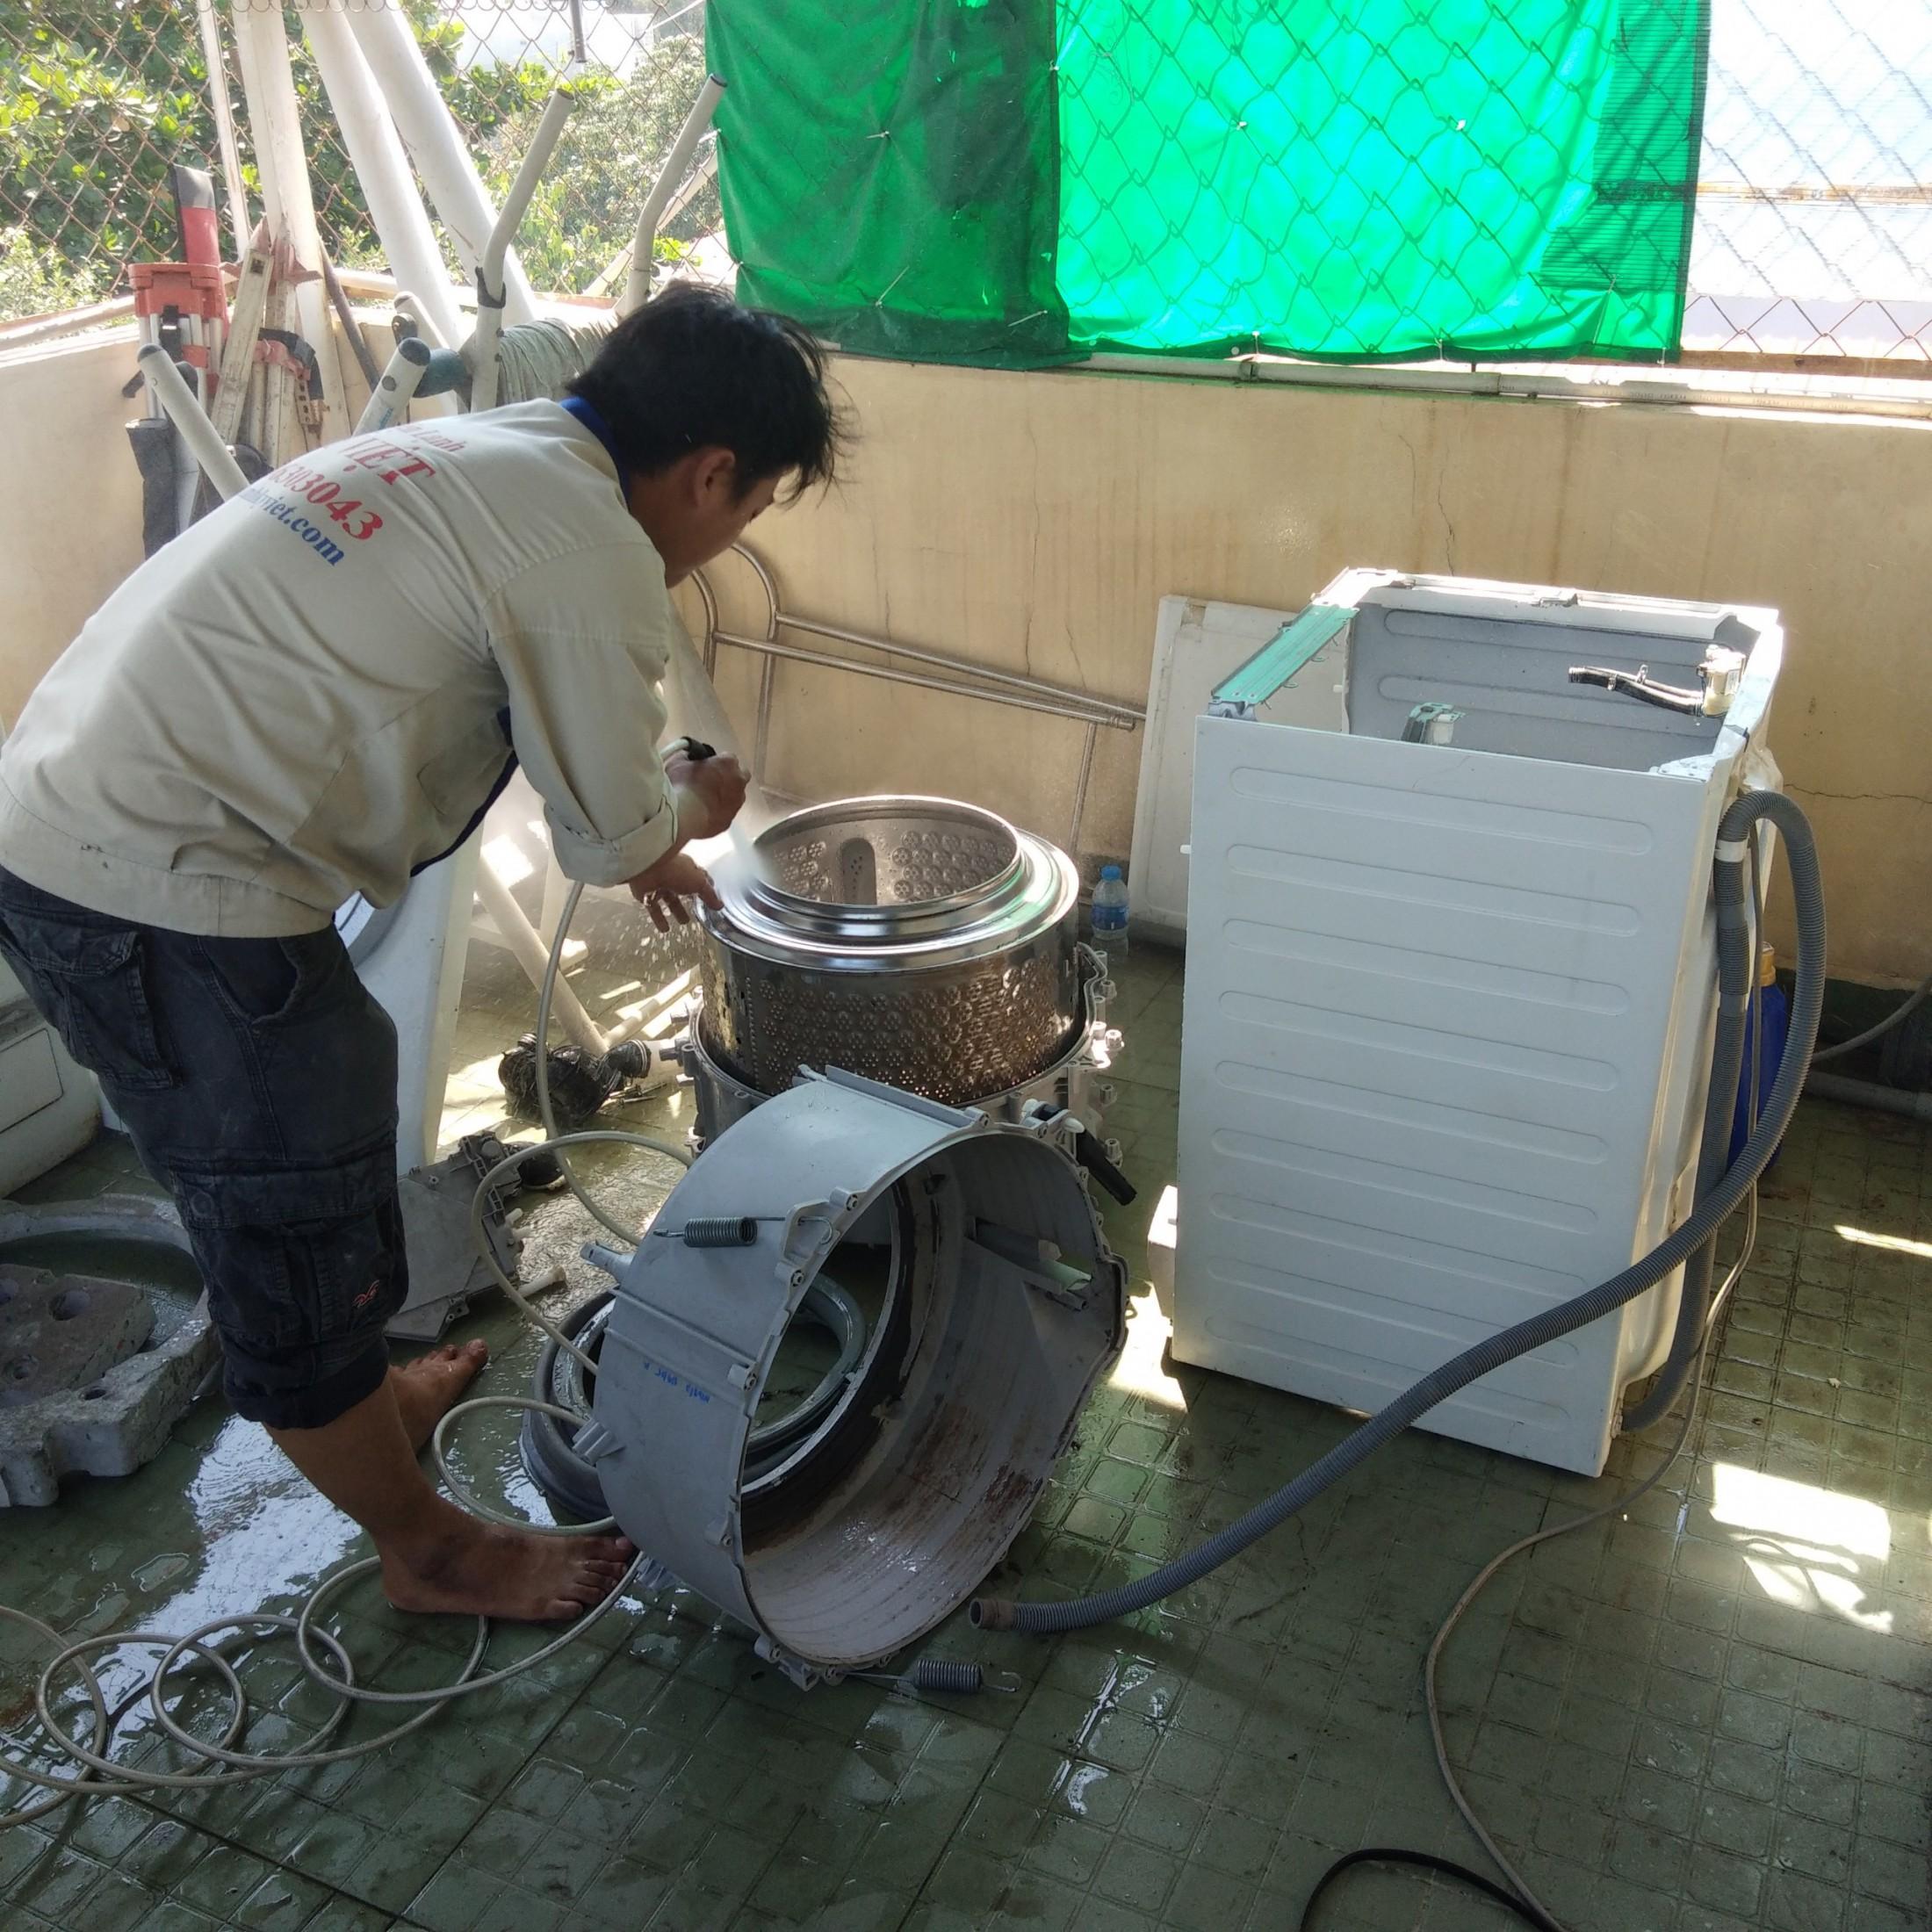 Vệ sinh máy giặt uy tín tại TpHCM